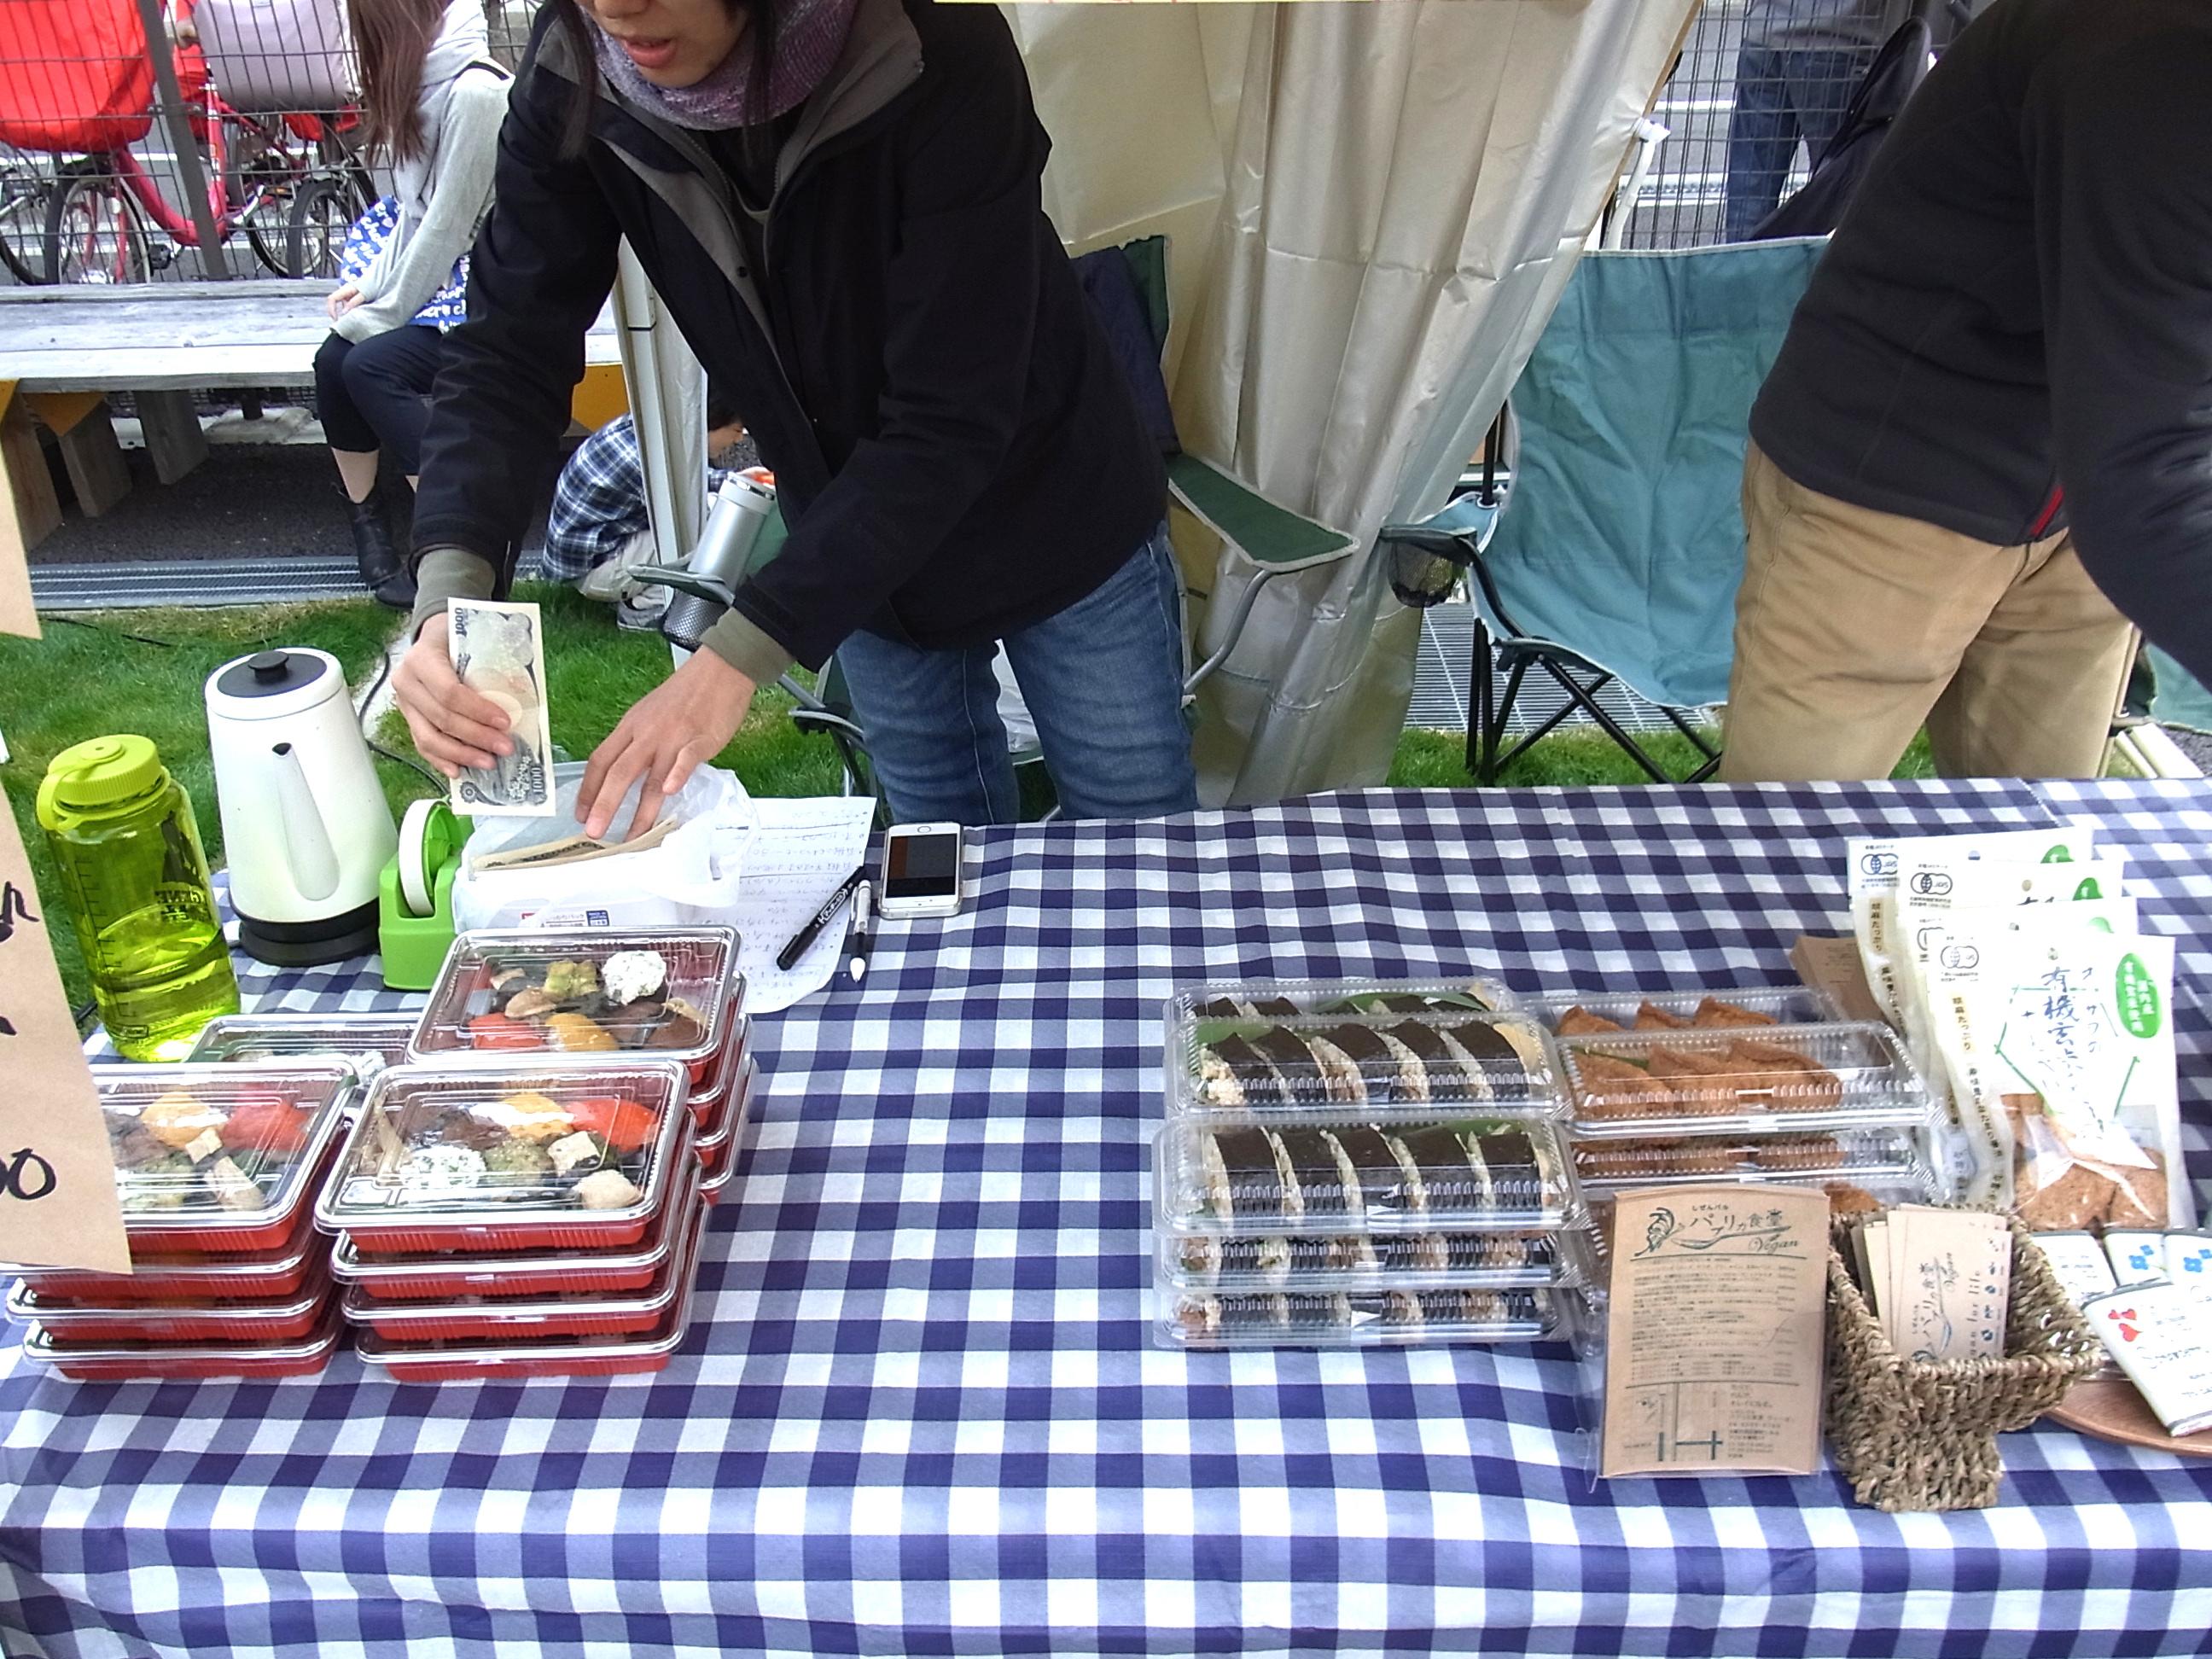 ローベジ祭り2014autumn パプリカ食堂ヴィーガンJPG